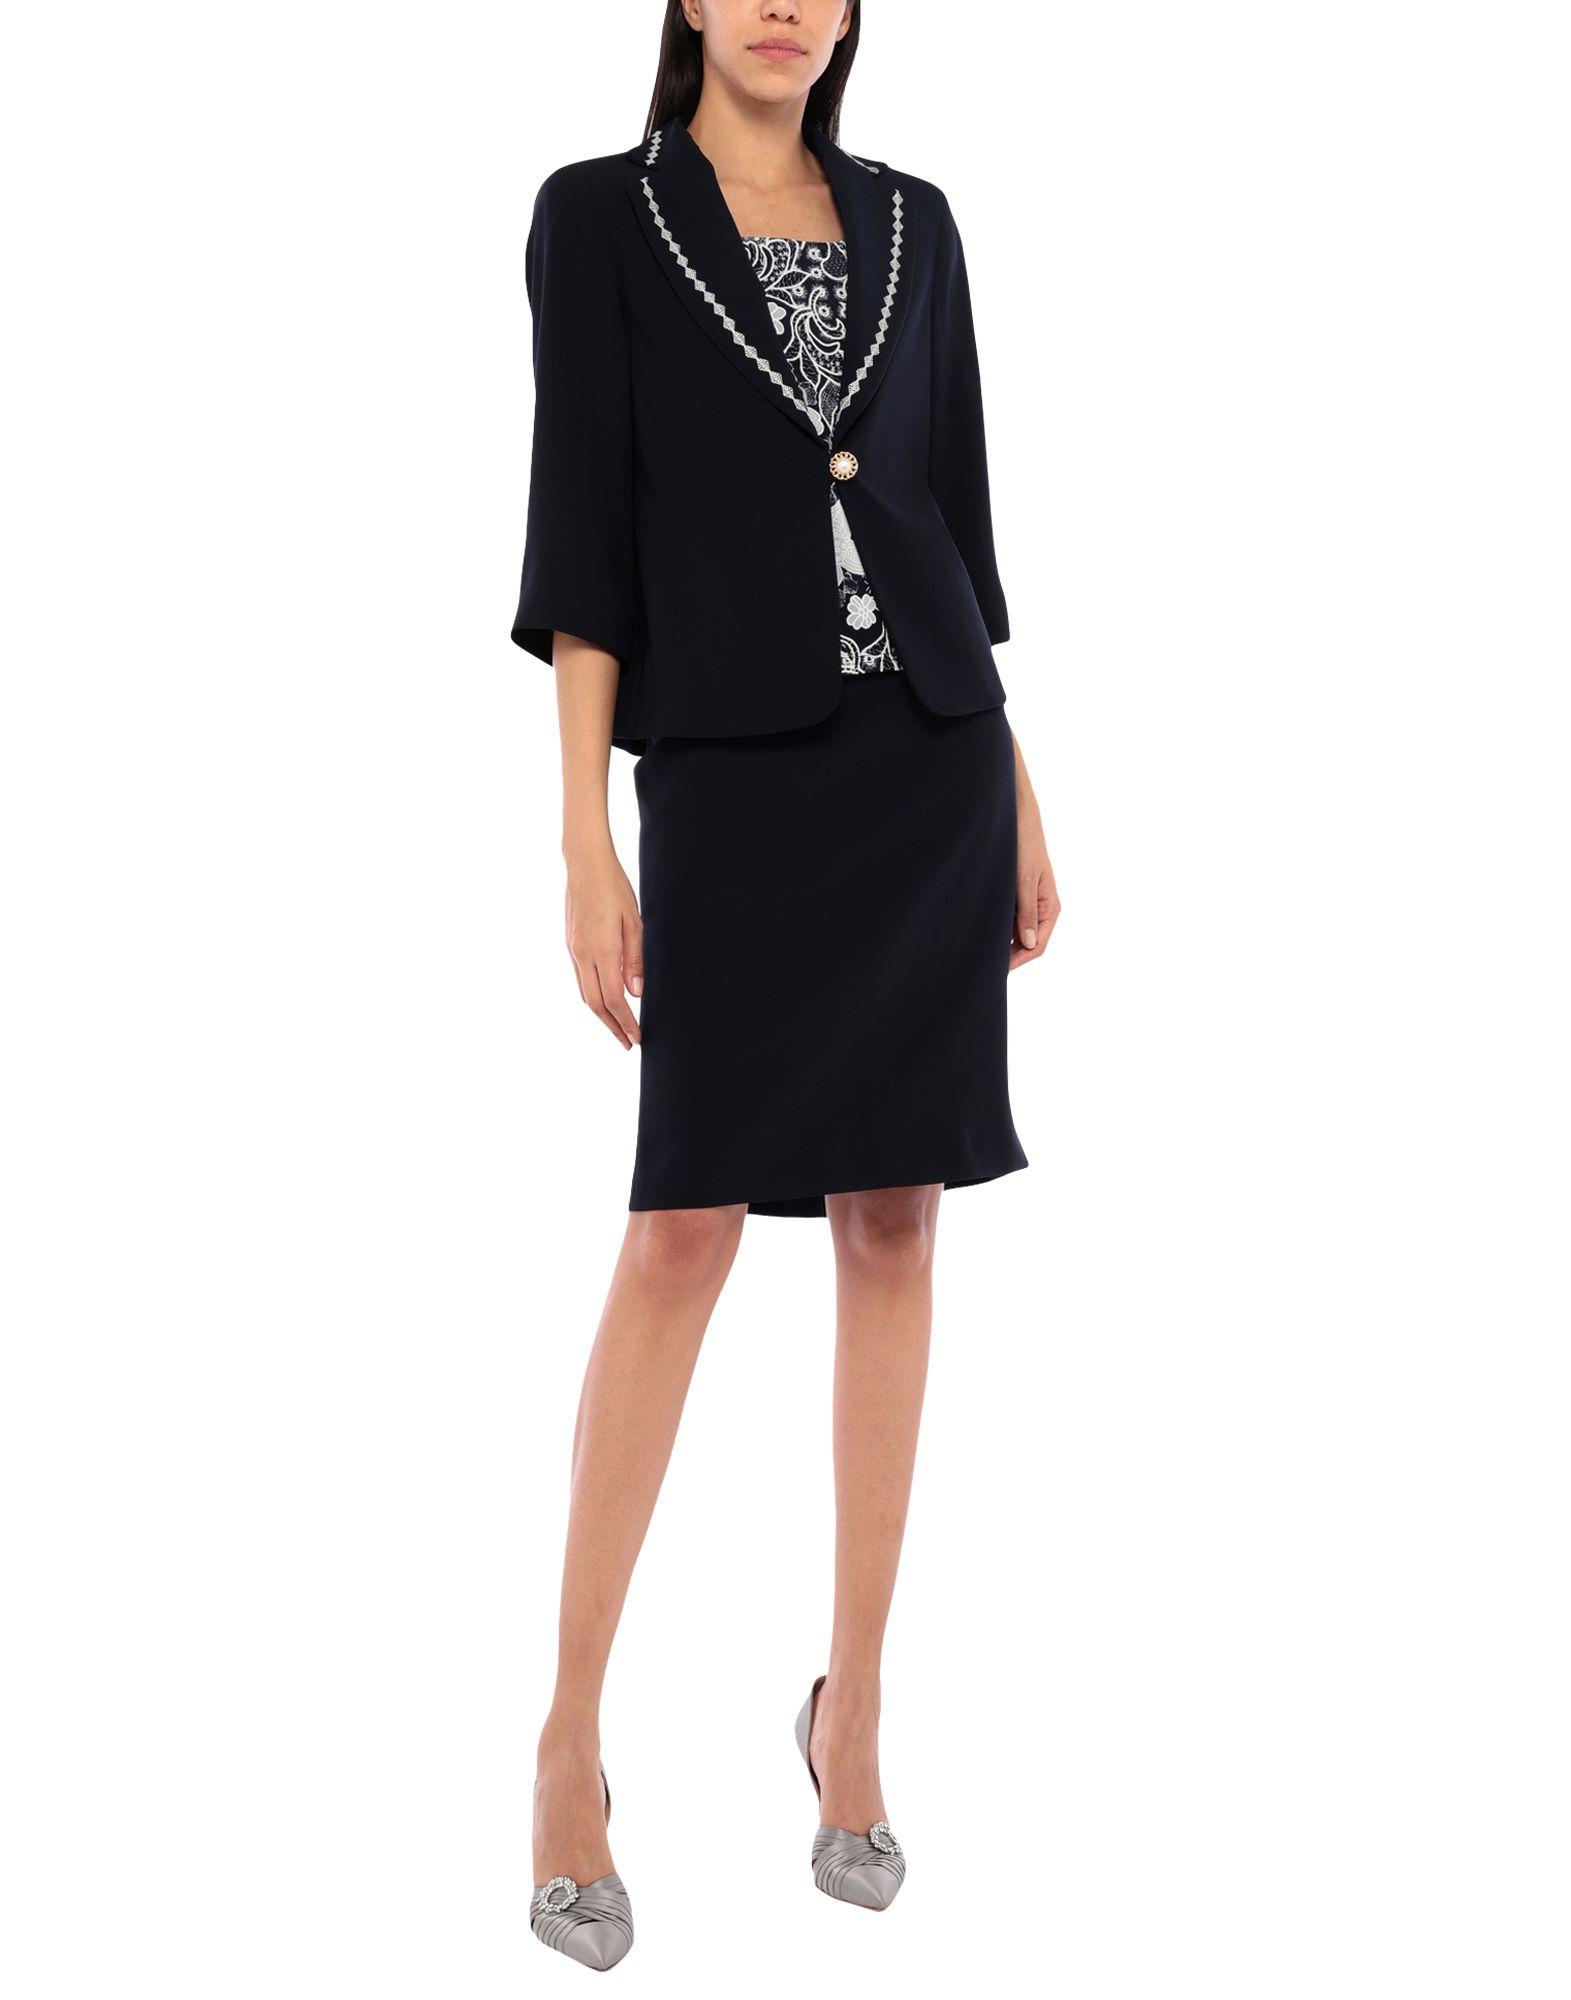 aspesi design by lawrence steele классический костюм GABRIELLA by SALVALAGLIO Классический костюм